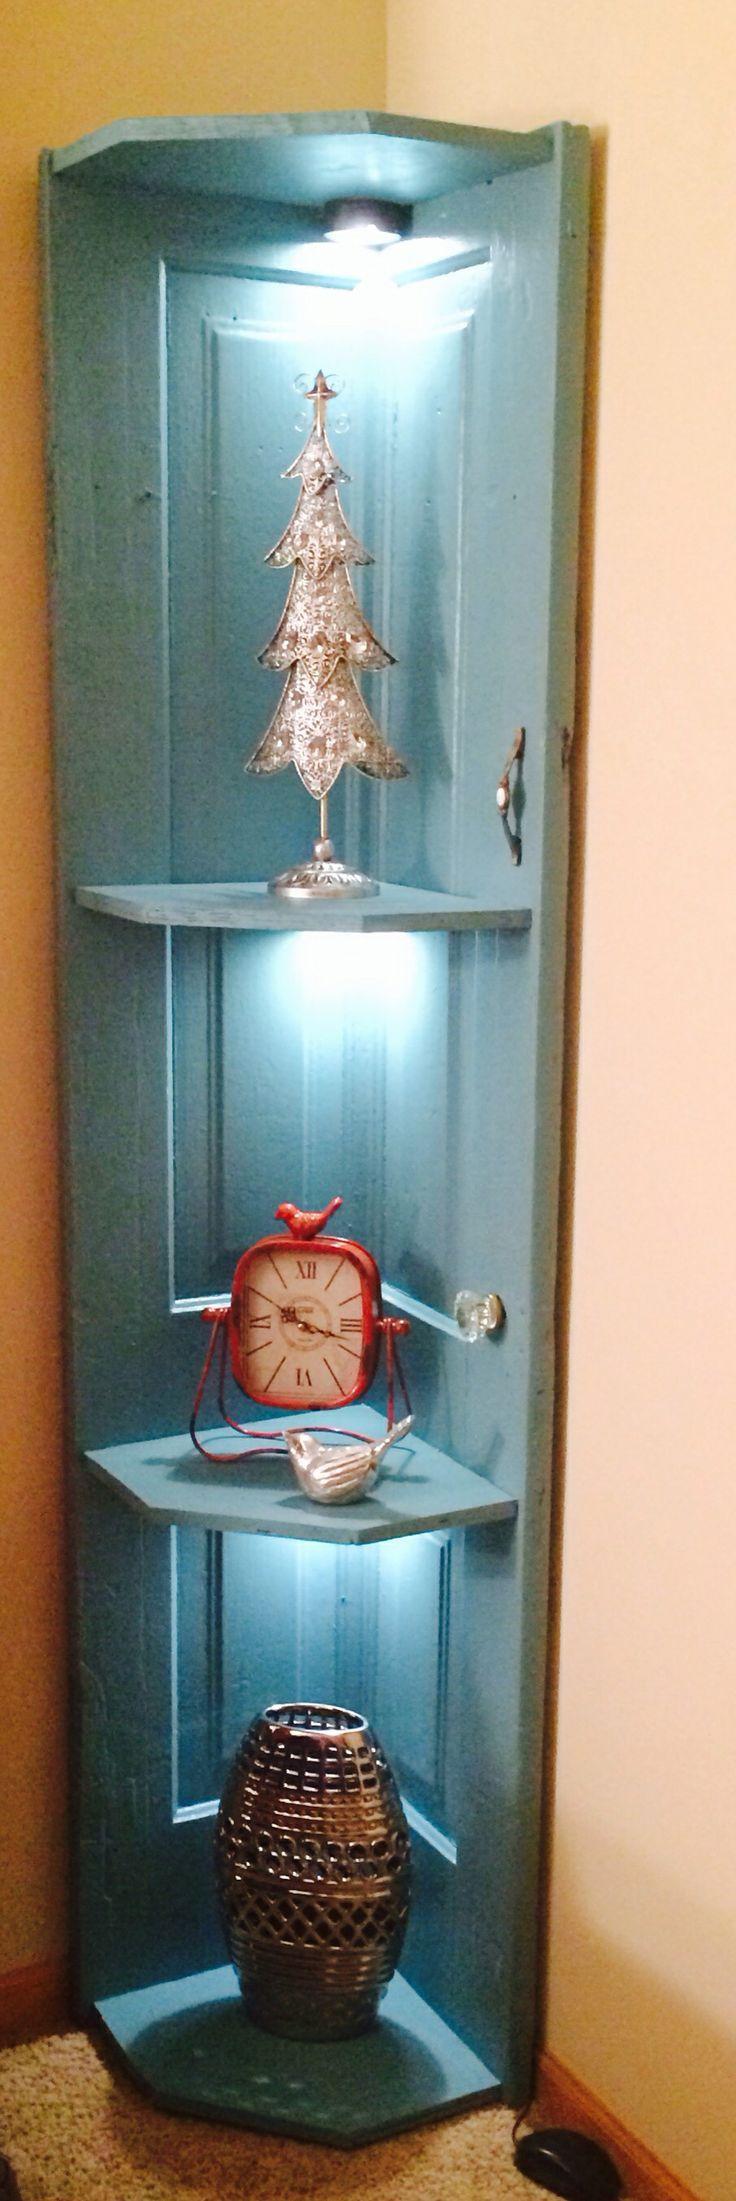 corner shelf made from old door | Corner shelf w/lighting made from an old door